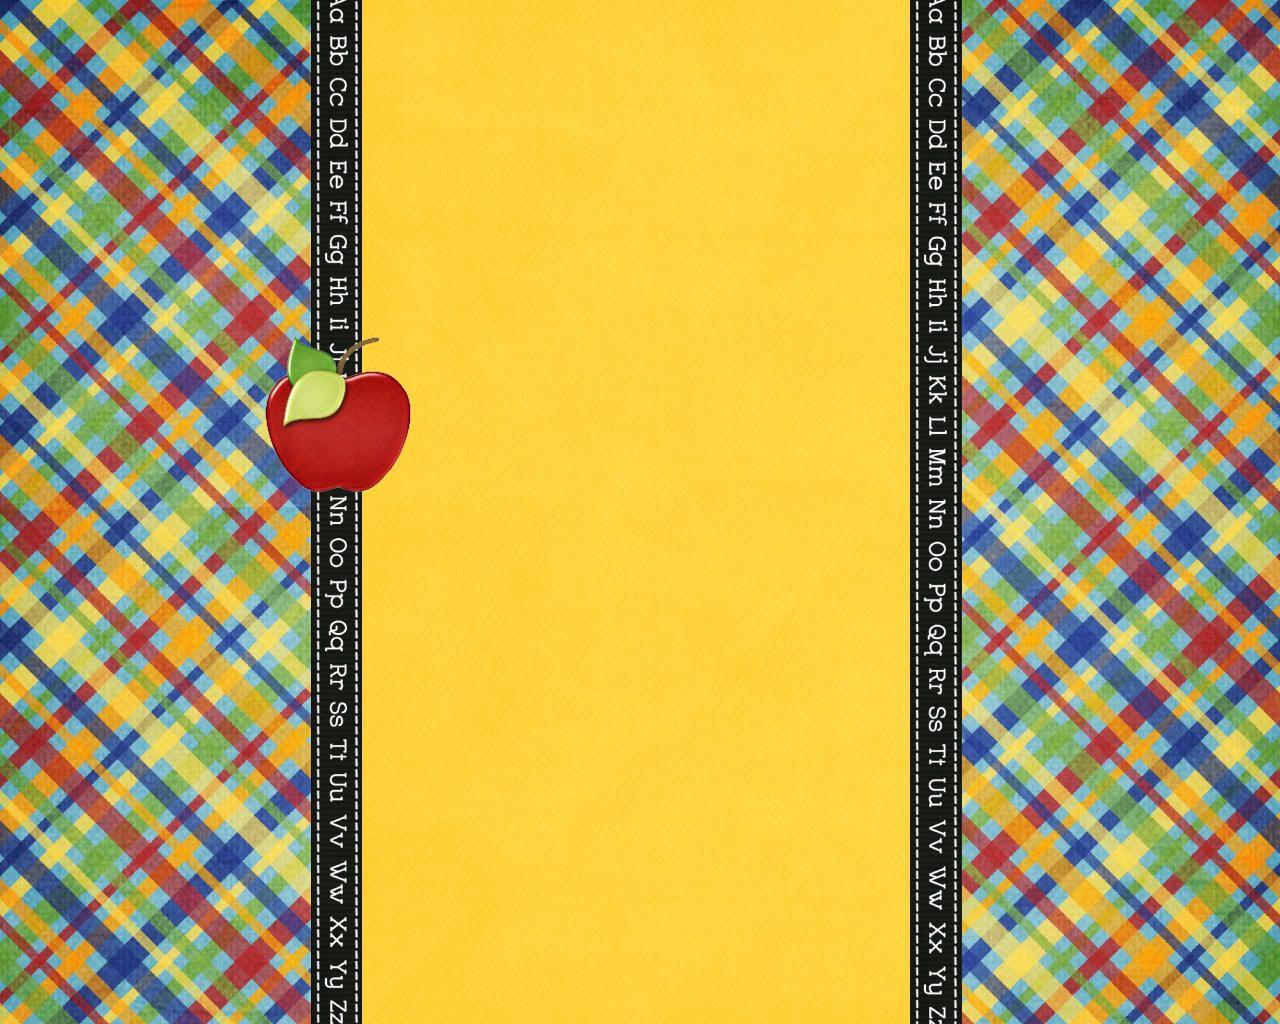 School Wallpapers Desktop 1280x1024